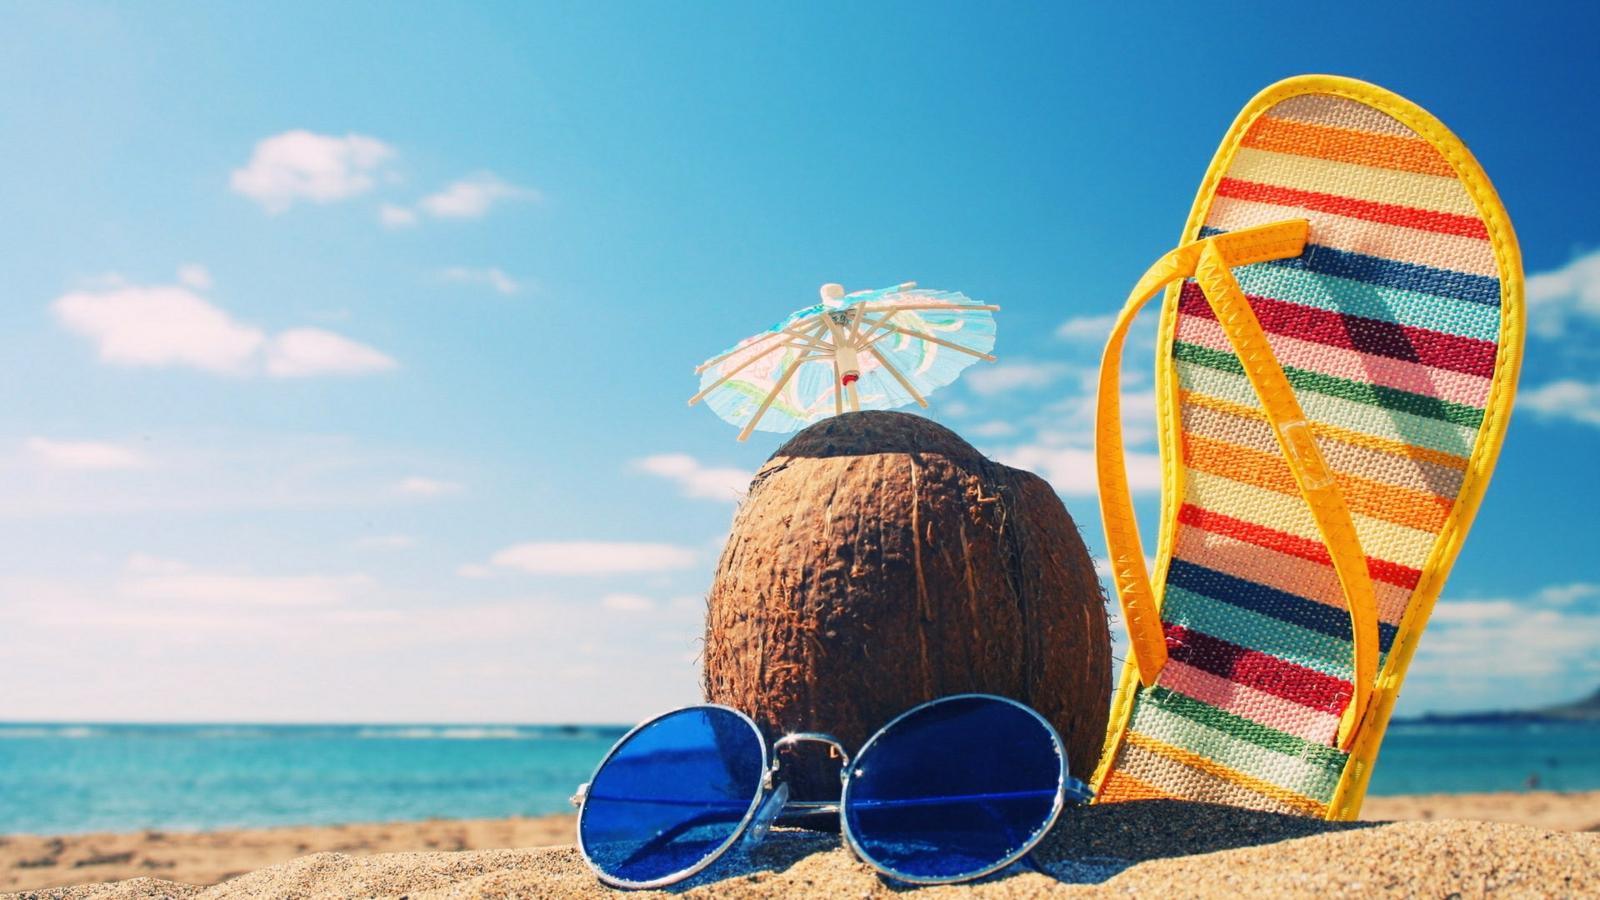 Sonnenschutz Sommer hilfreiche Tipps für Hautpflege Urlaub